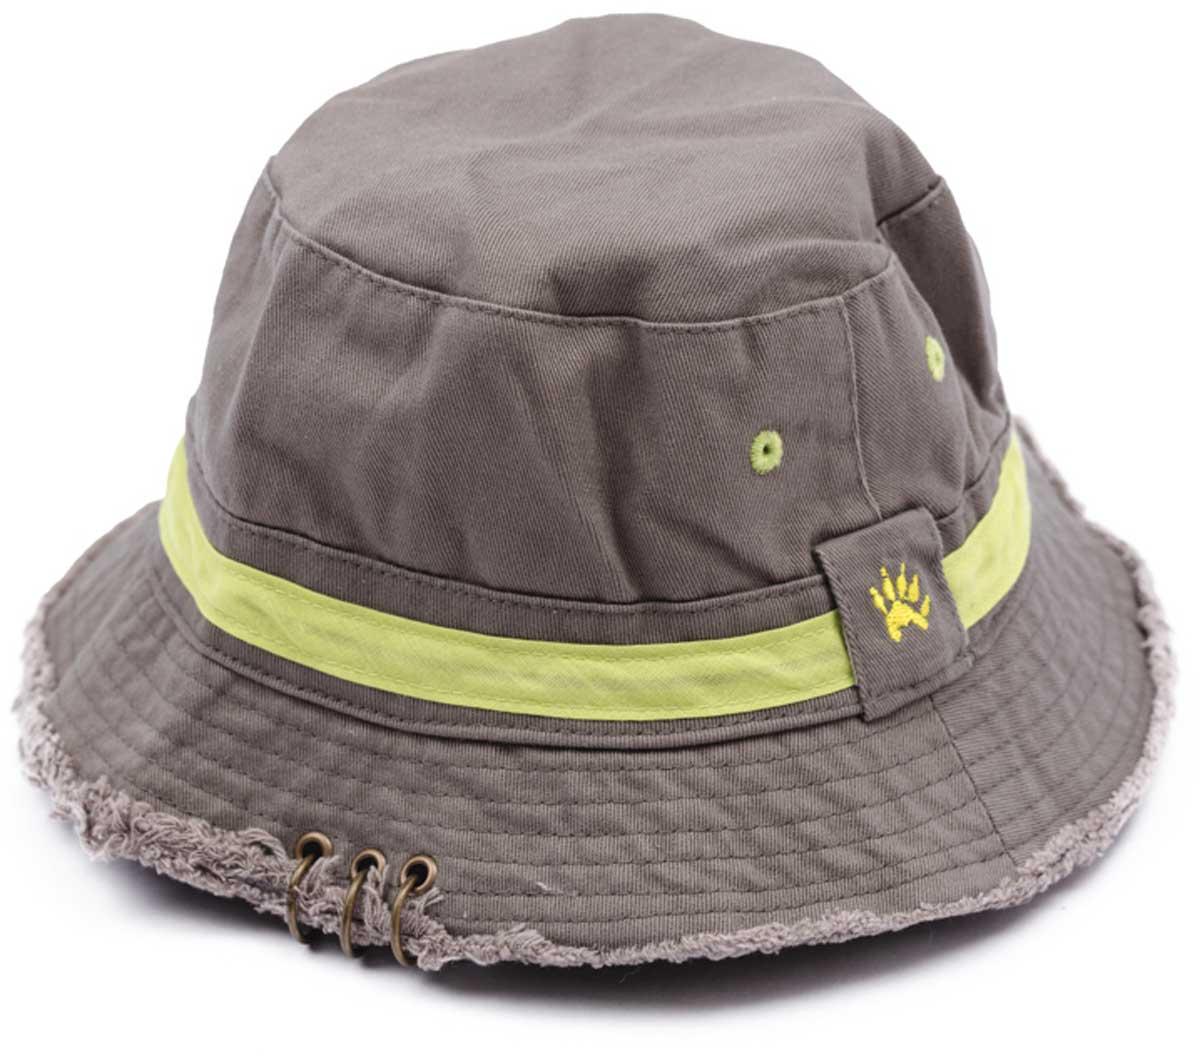 171129Панама из натурального хлопка является неотъемлемой частью летнего детского гардероба. Очень мягкая и легкая, не раздражает нежную кожу ребенка.Преимущества:Натуральный материал не раздражает нежную кожу ребенкаКомфортна при носке